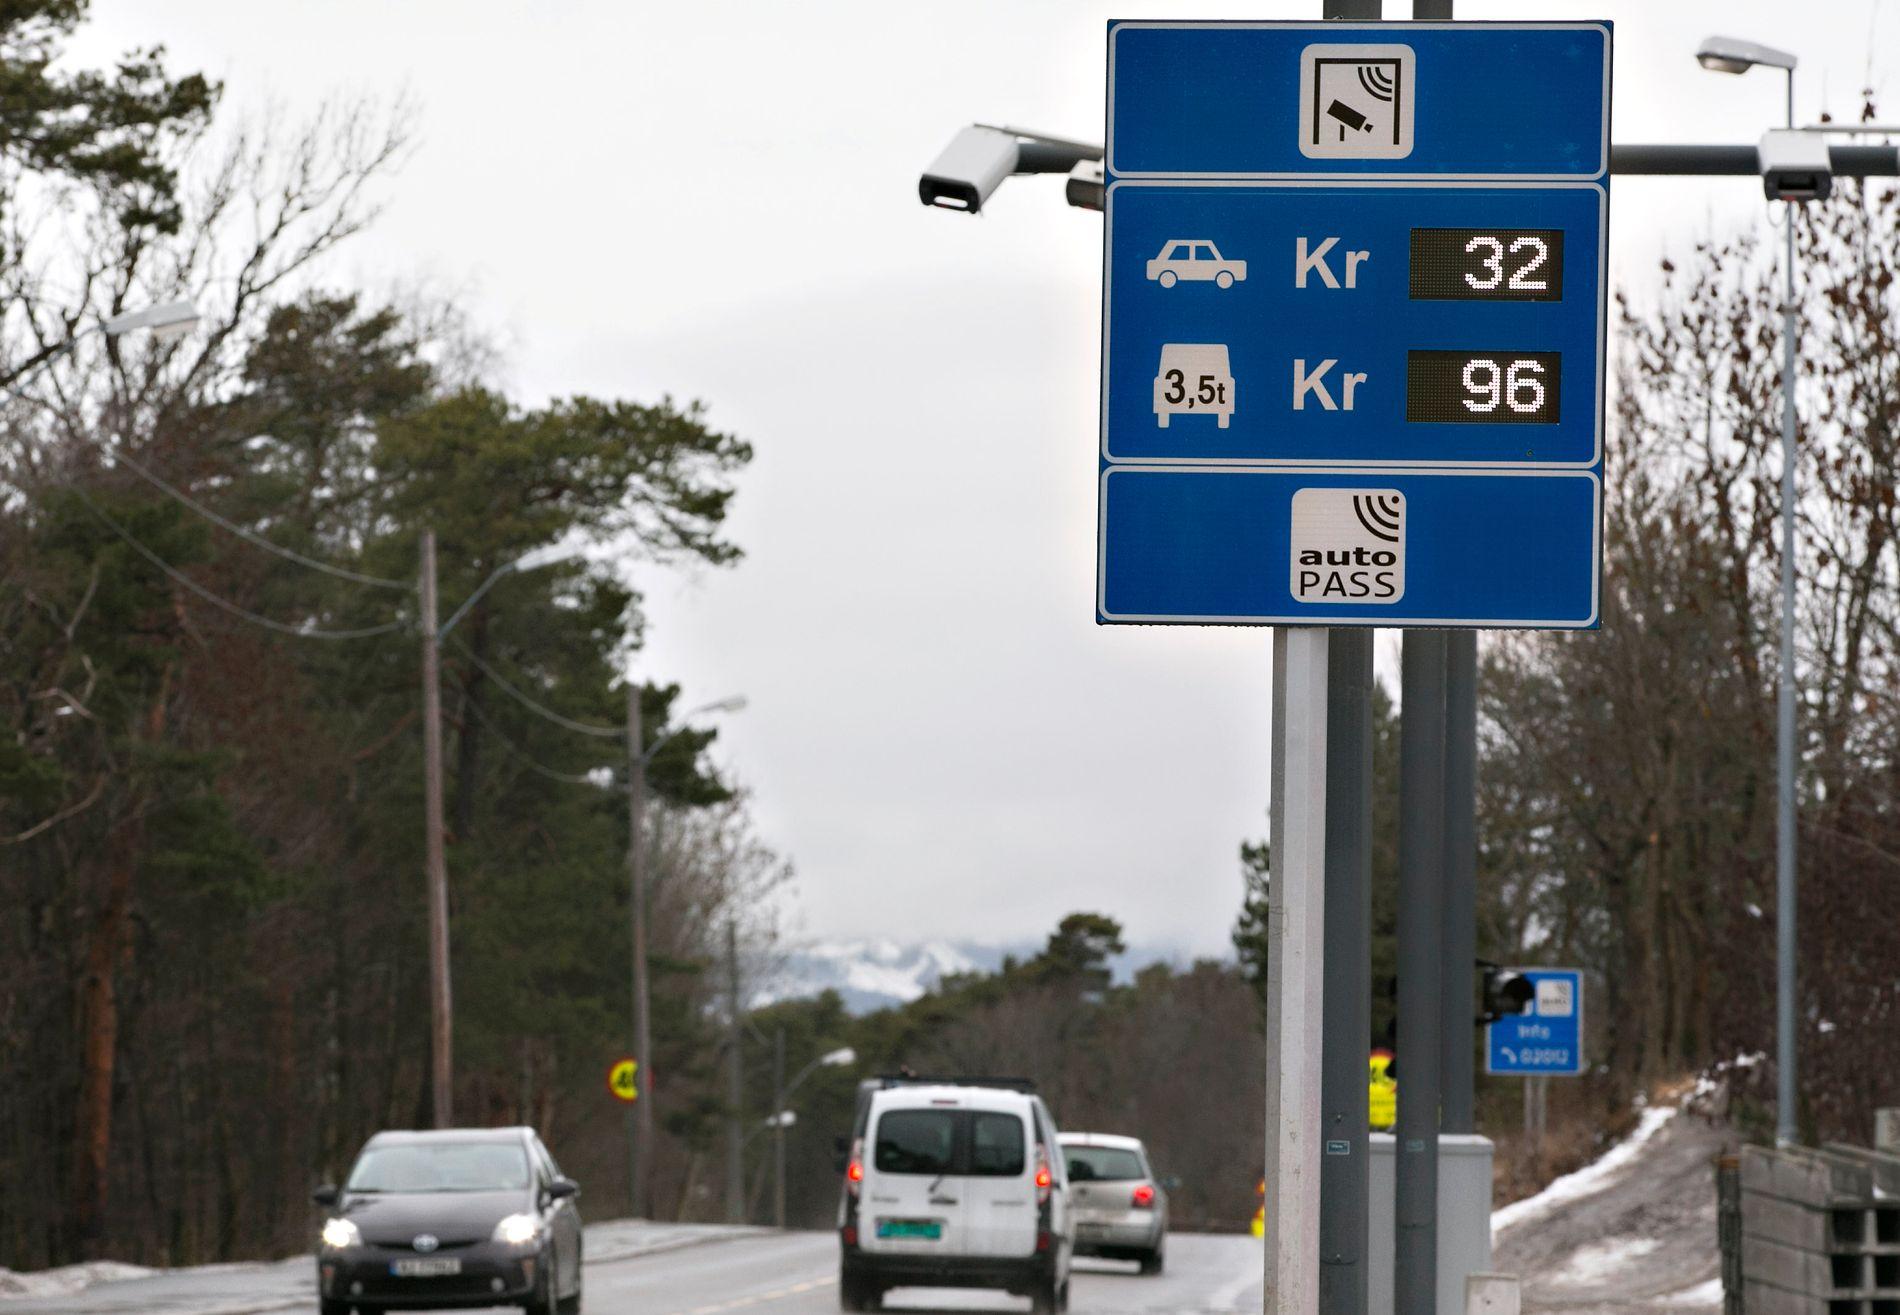 DAGENS SATSER: 32 kroner er dagens pris på en passering i bomringen i Oslo - uavhengig om det skjer i rushtiden eller på tider med mindre trafikk.